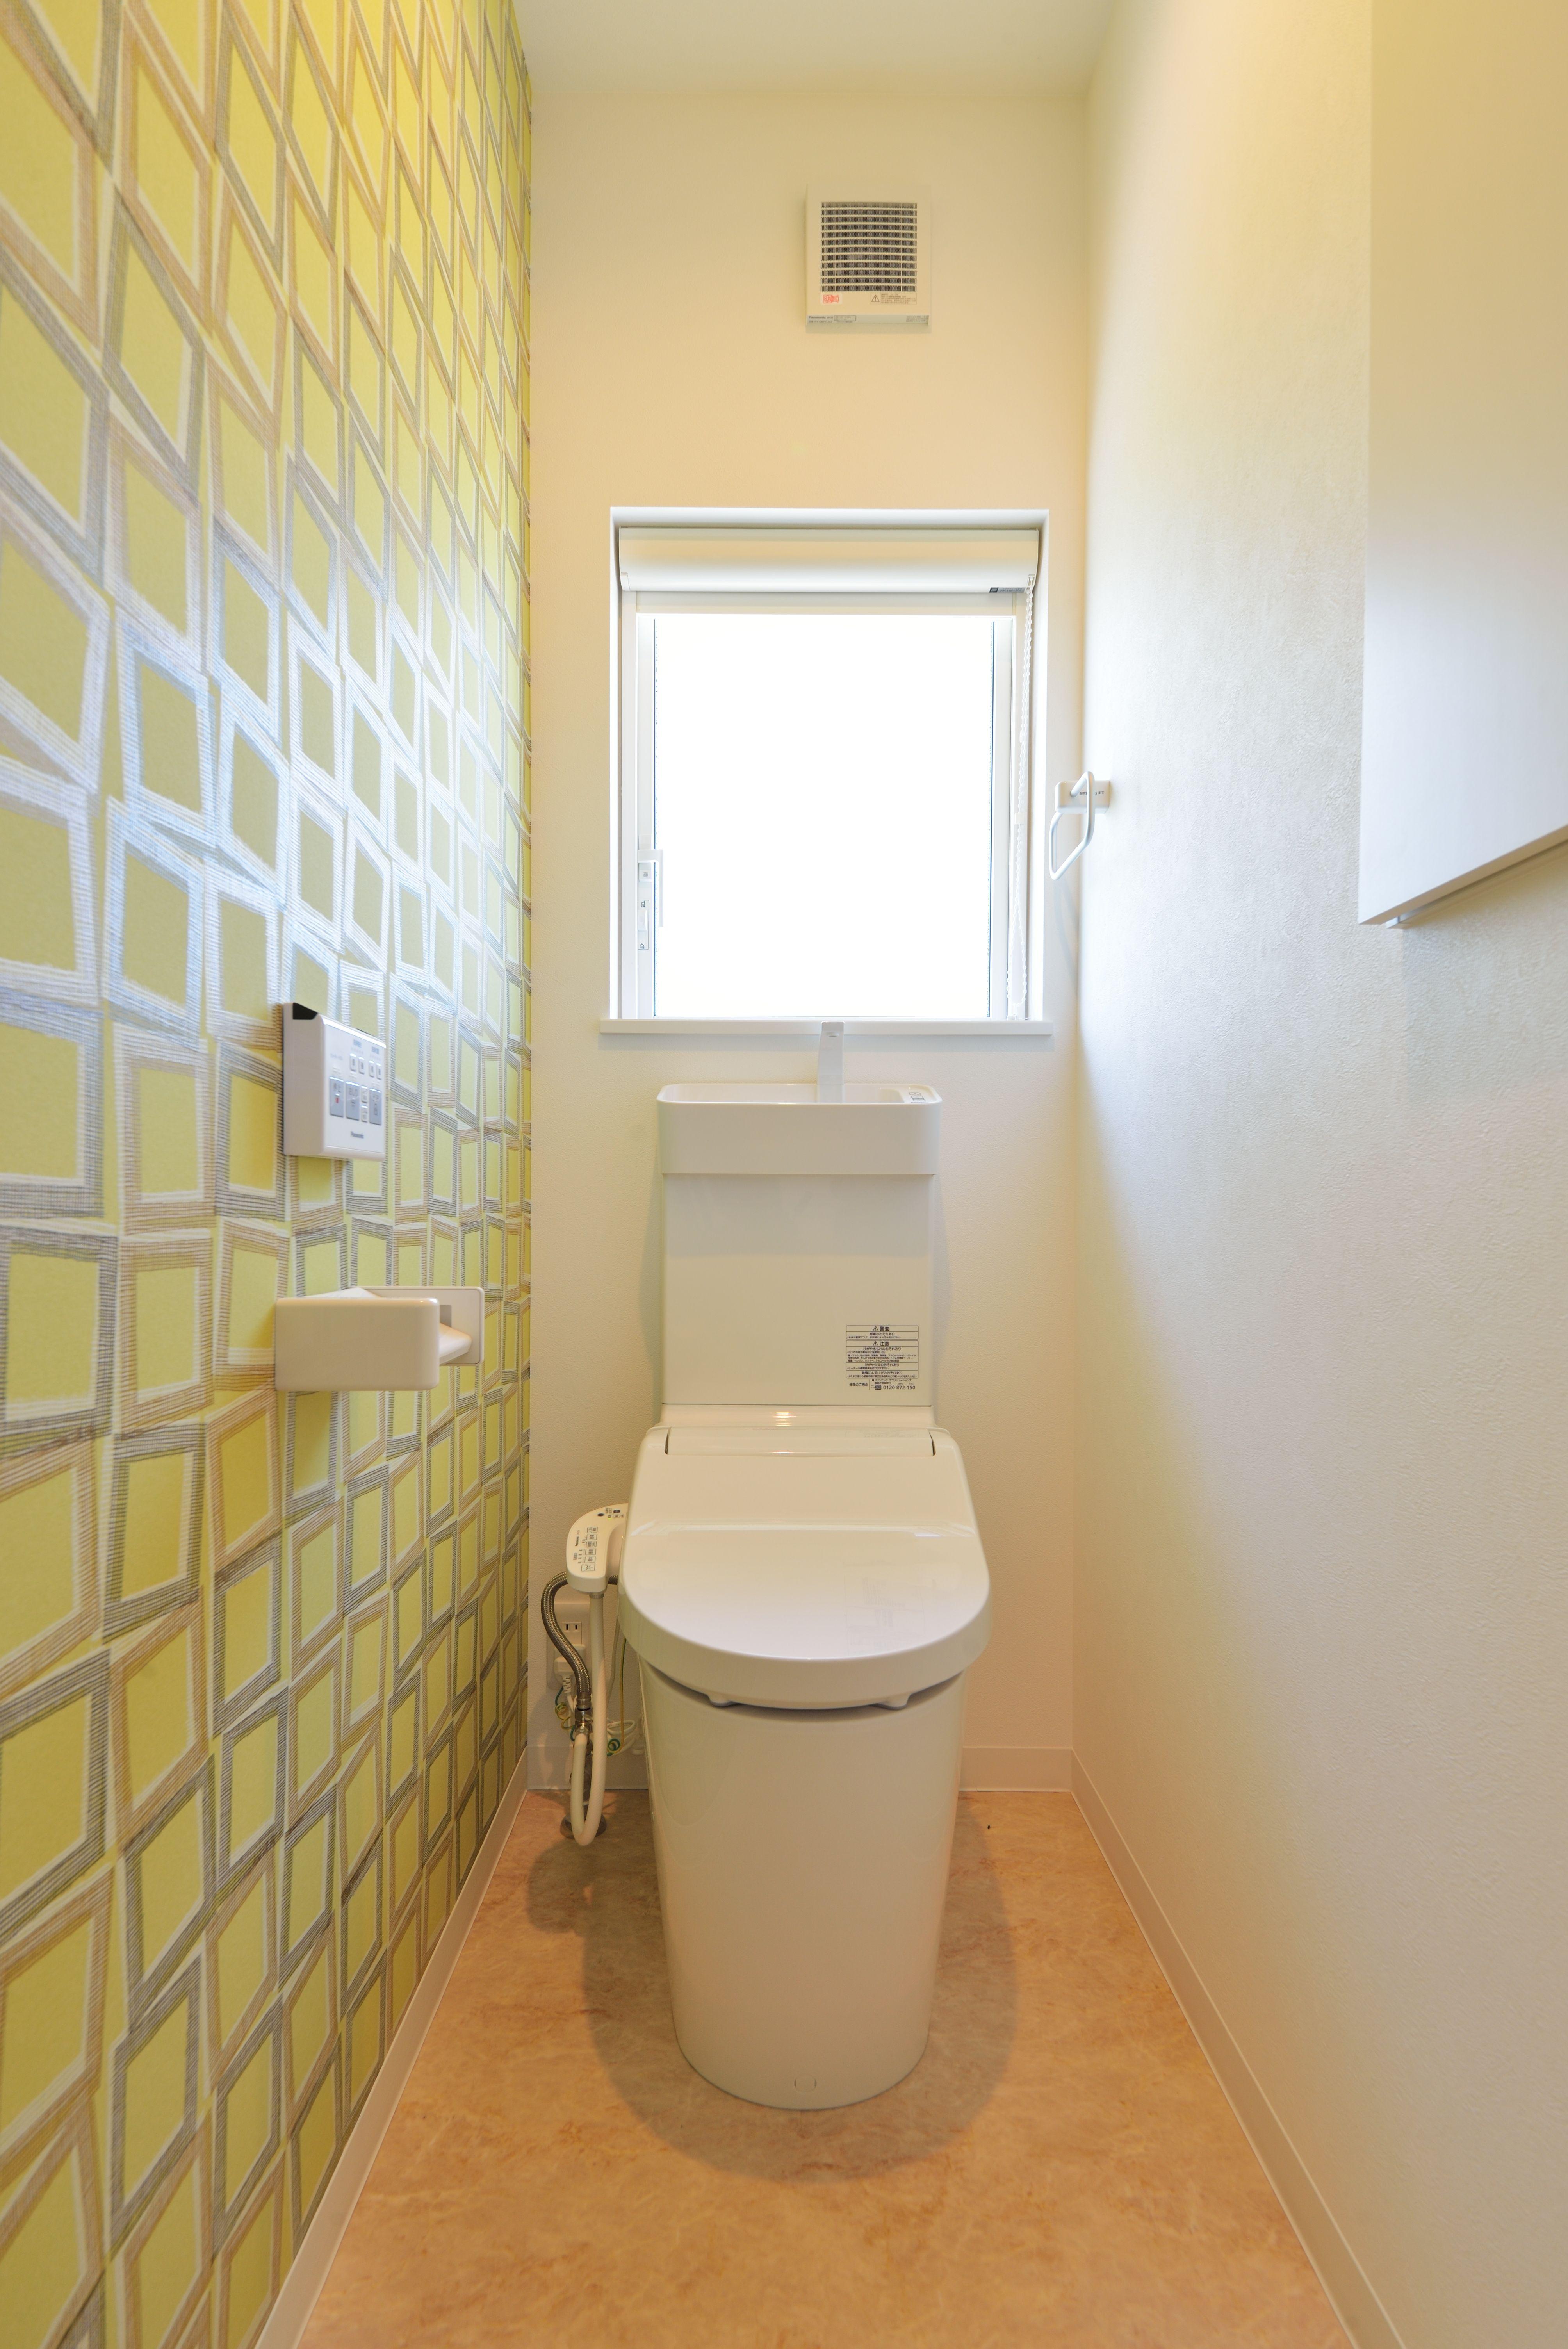 2階トイレ Popな壁紙で明るい雰囲気に トイレ 壁紙 窓 カフェ風